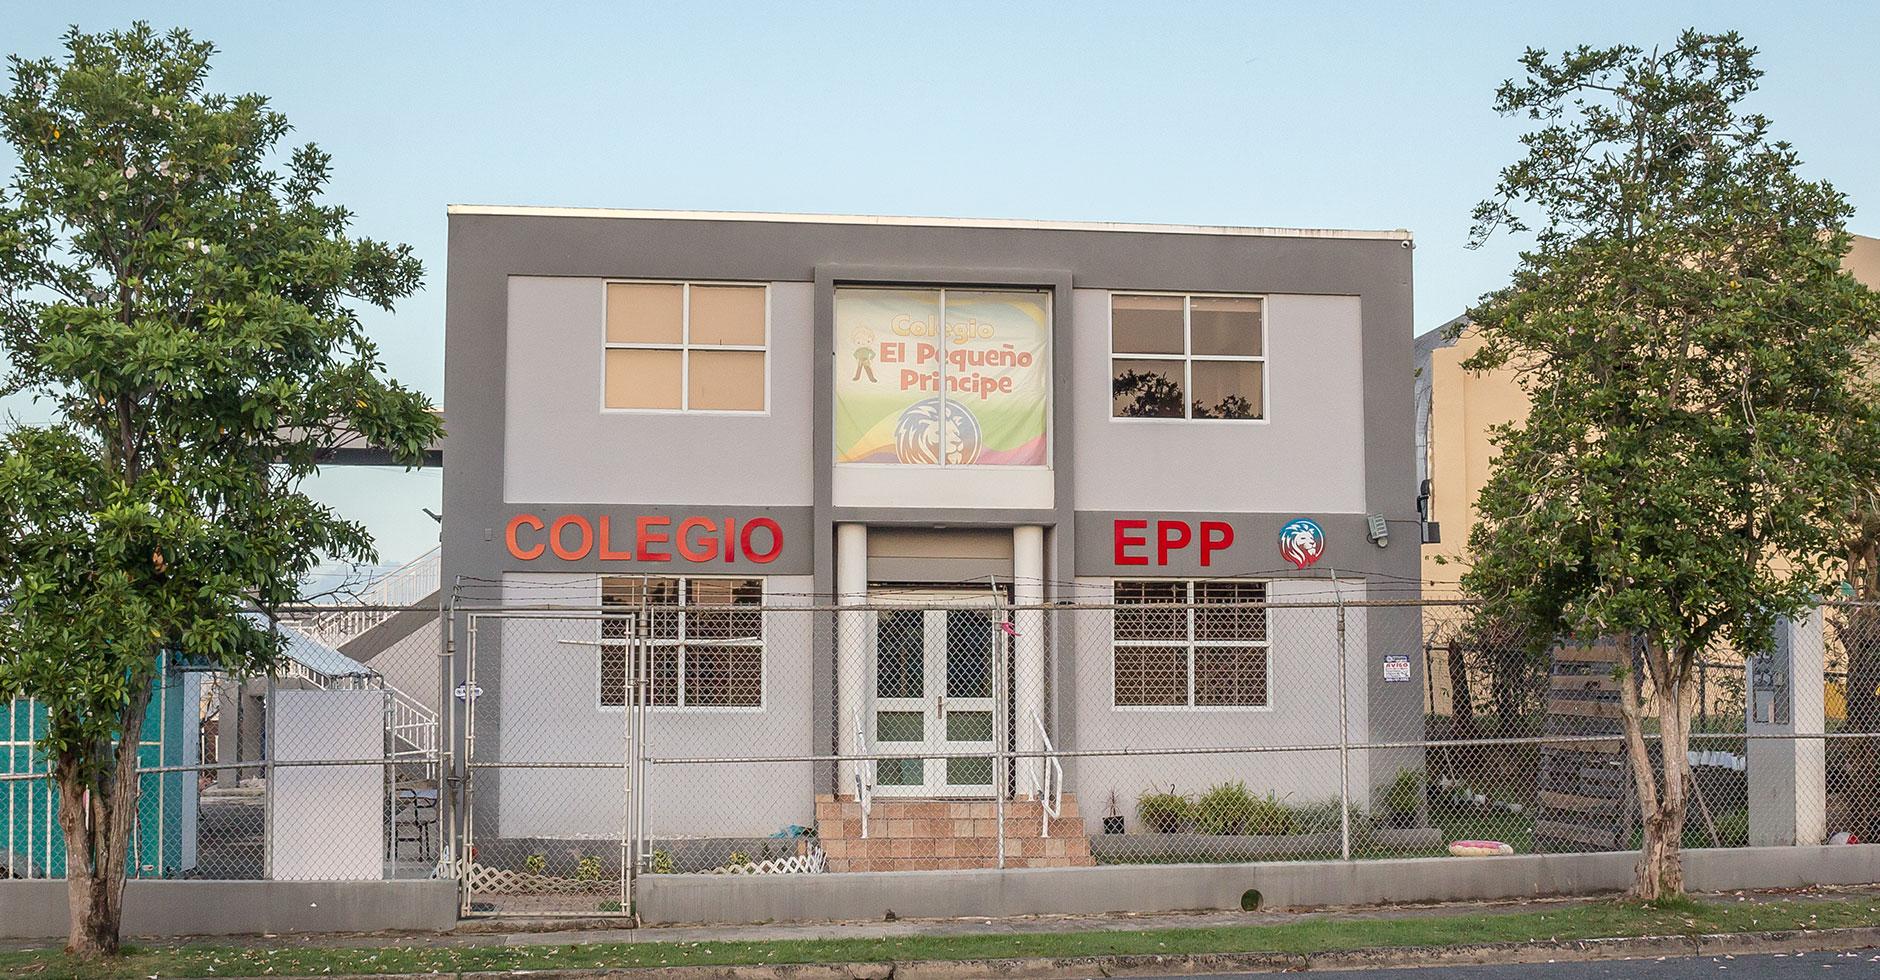 Colegio El Pequeño Príncipe